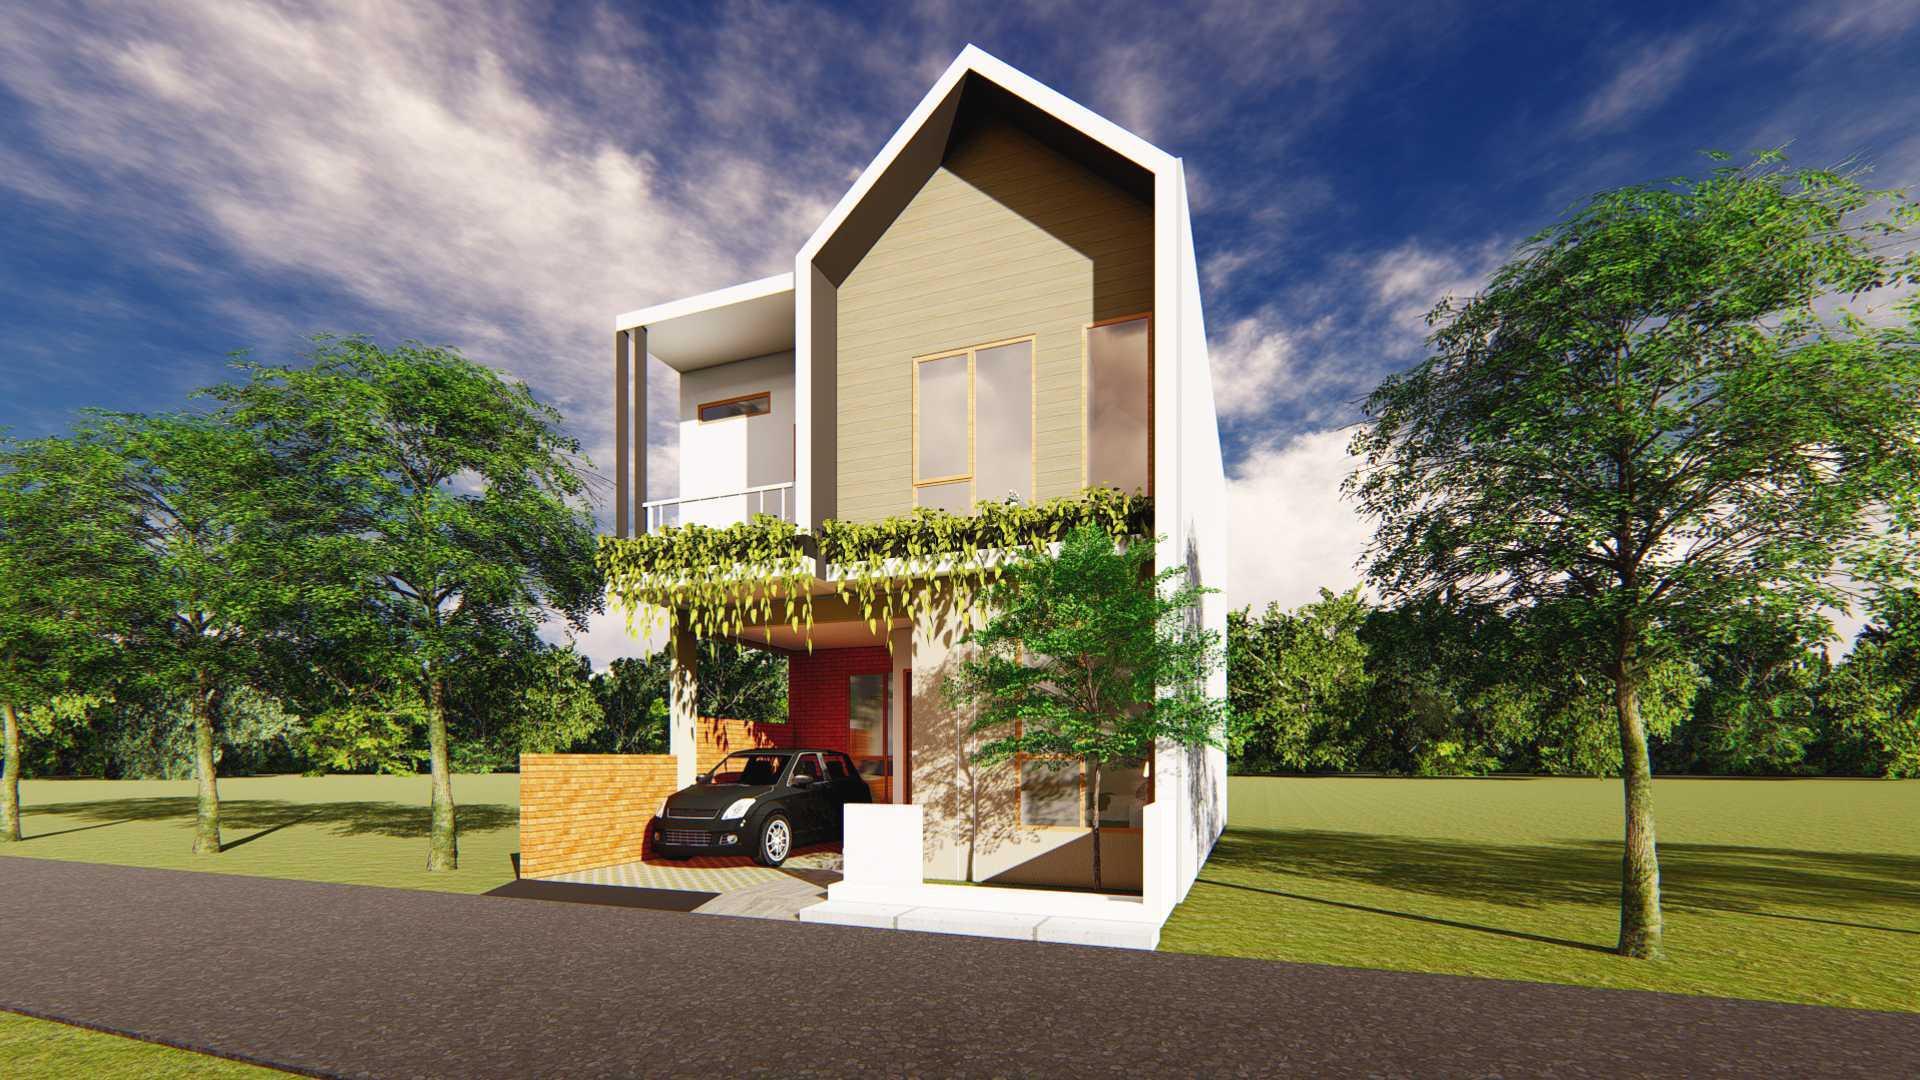 Astabumi Studio Sm House Pemalang Pemalang, Kec. Pemalang, Kabupaten Pemalang, Jawa Tengah, Indonesia Surabaya Cv-Astabumi-Manunggal-Prakarsa-Sm-House-Pemalang  119277